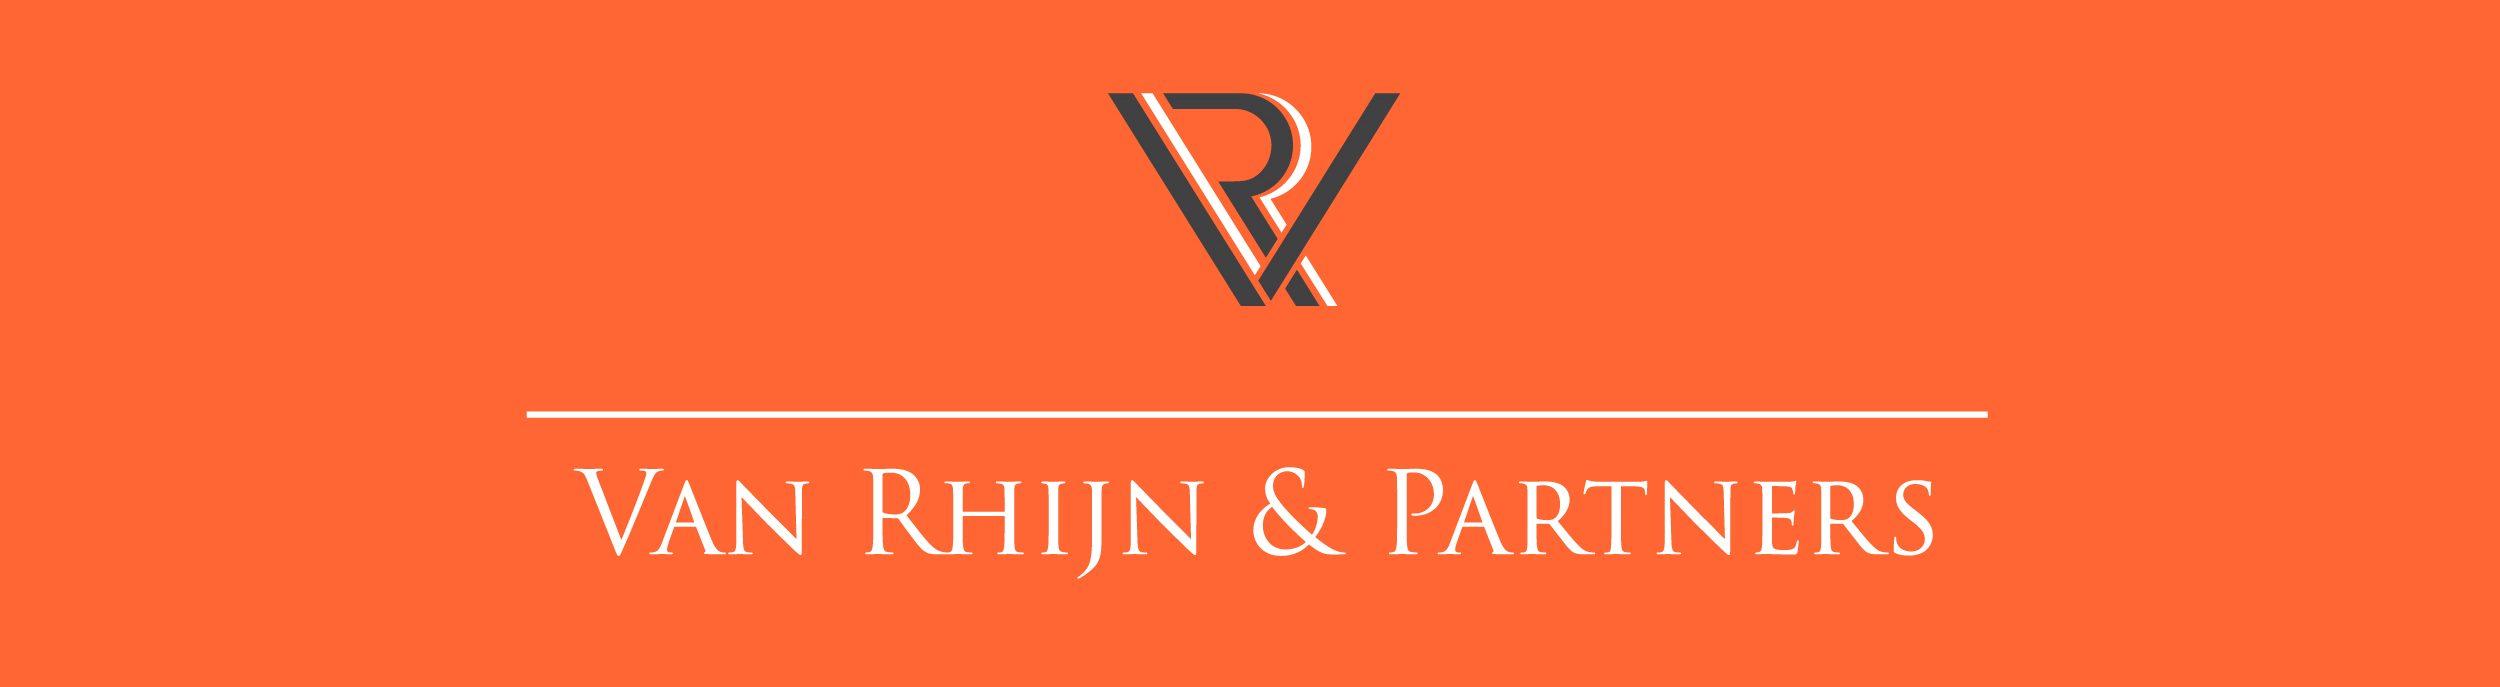 Van Rhijn & Partners